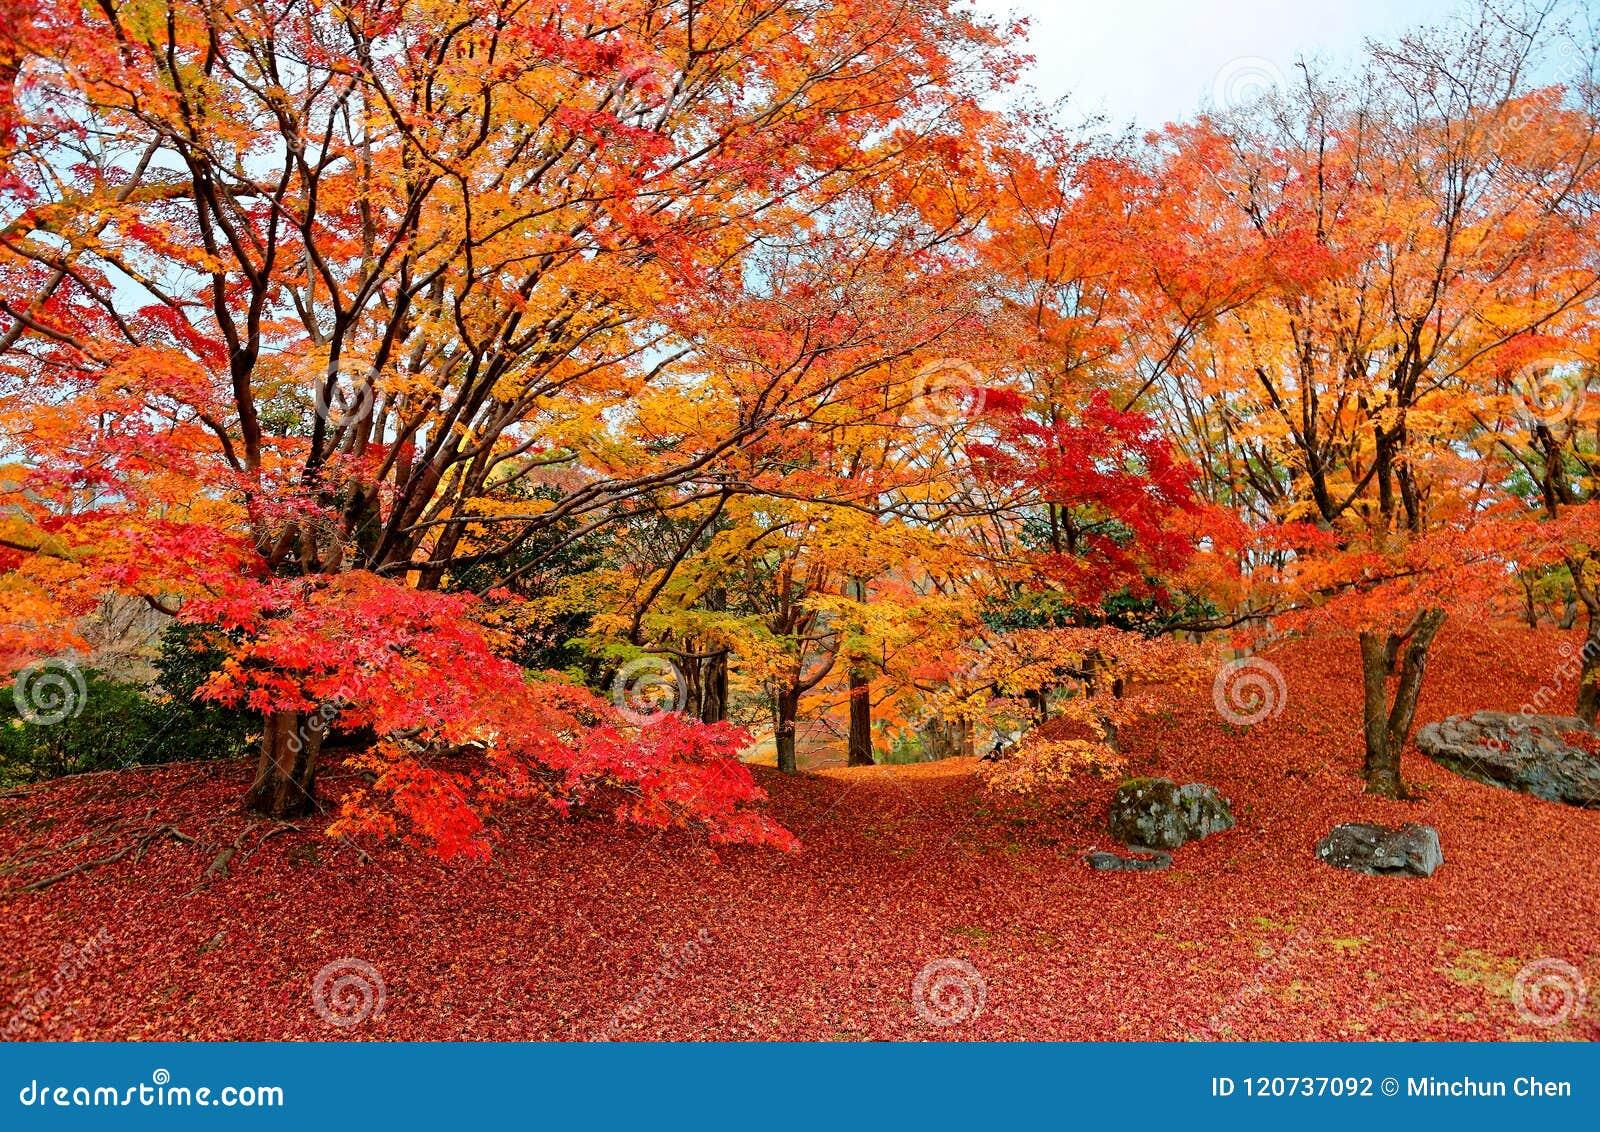 Cenário da queda de árvores de bordo impetuosas em um jardim japonês no parque real do palácio imperial de Sento em Kyoto